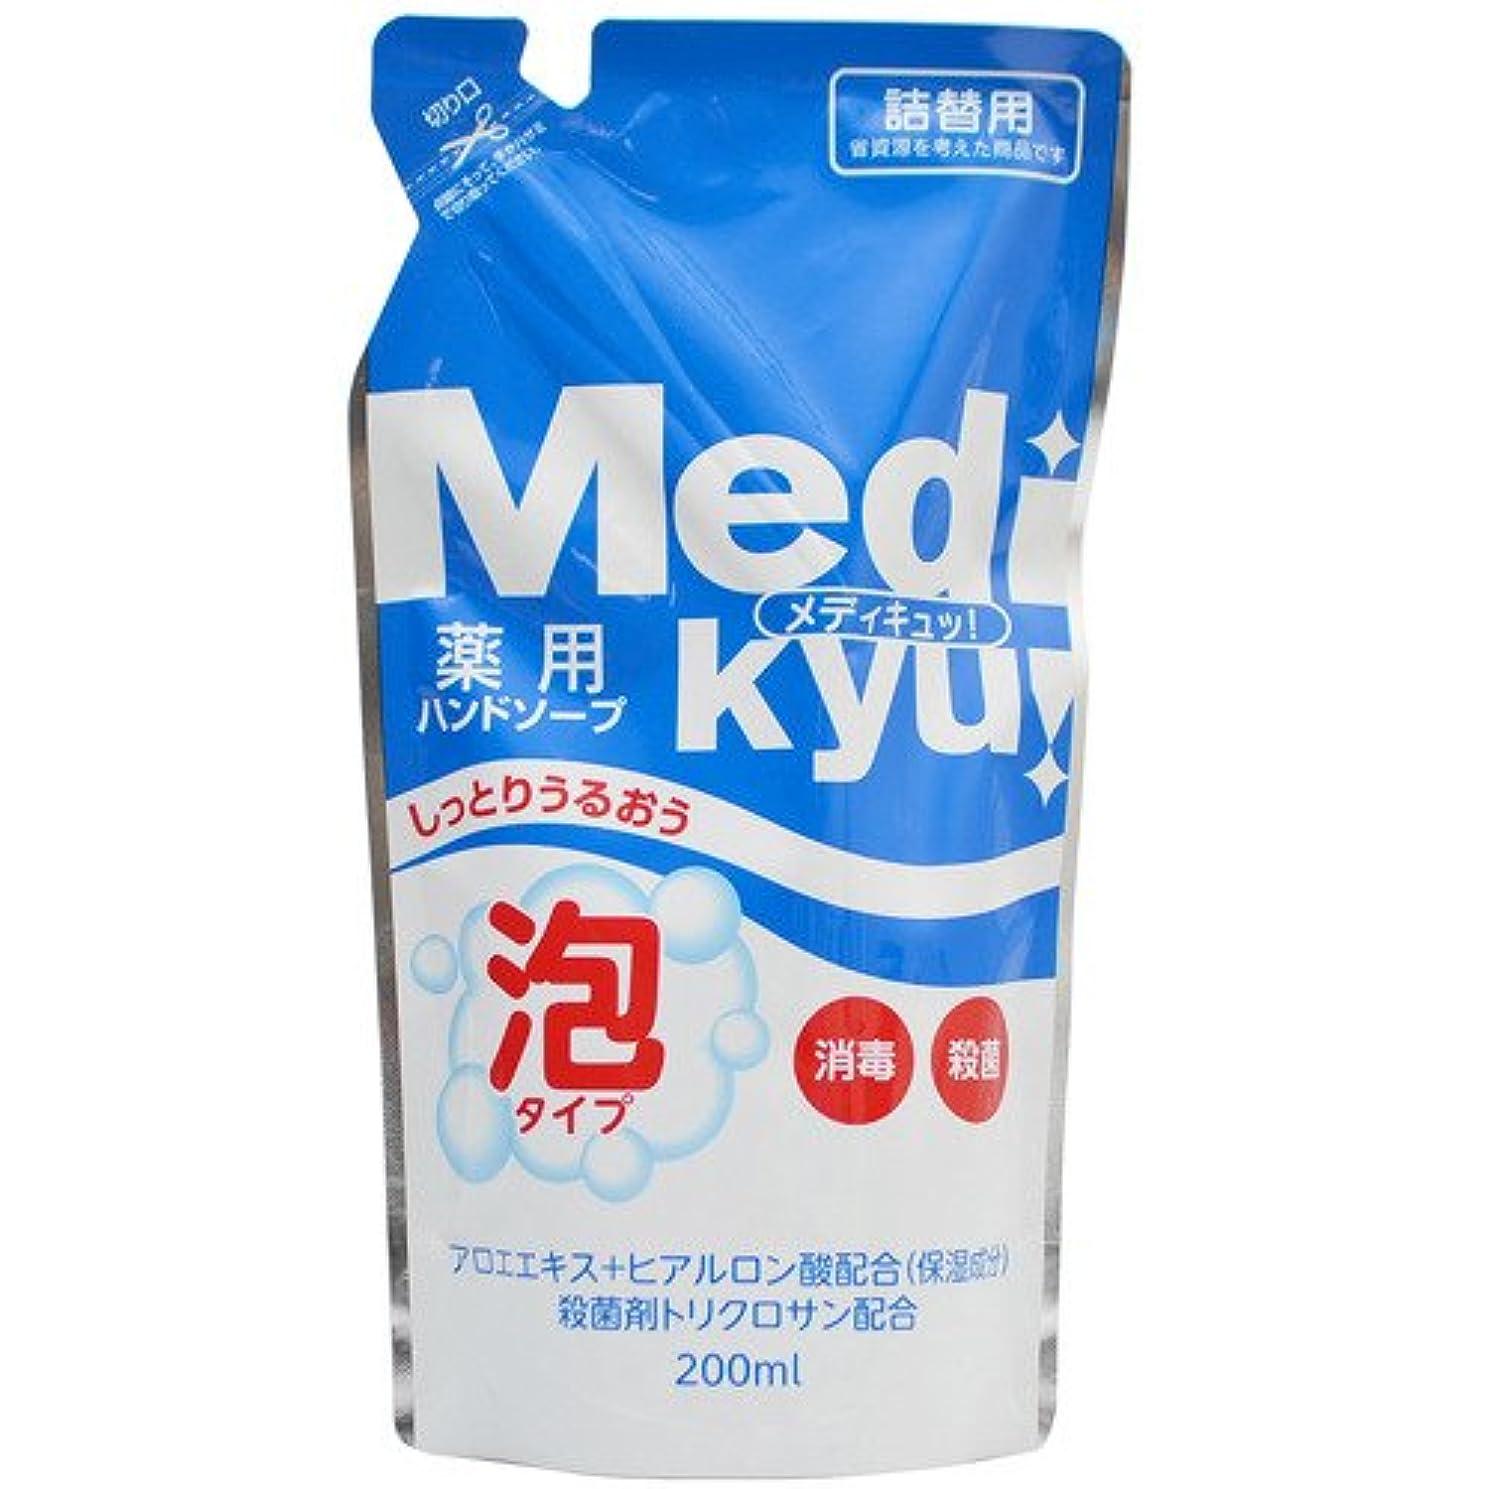 言う例示する豊かにする薬用ハンドソープ メディキュッ 泡タイプ 詰替用 200ml